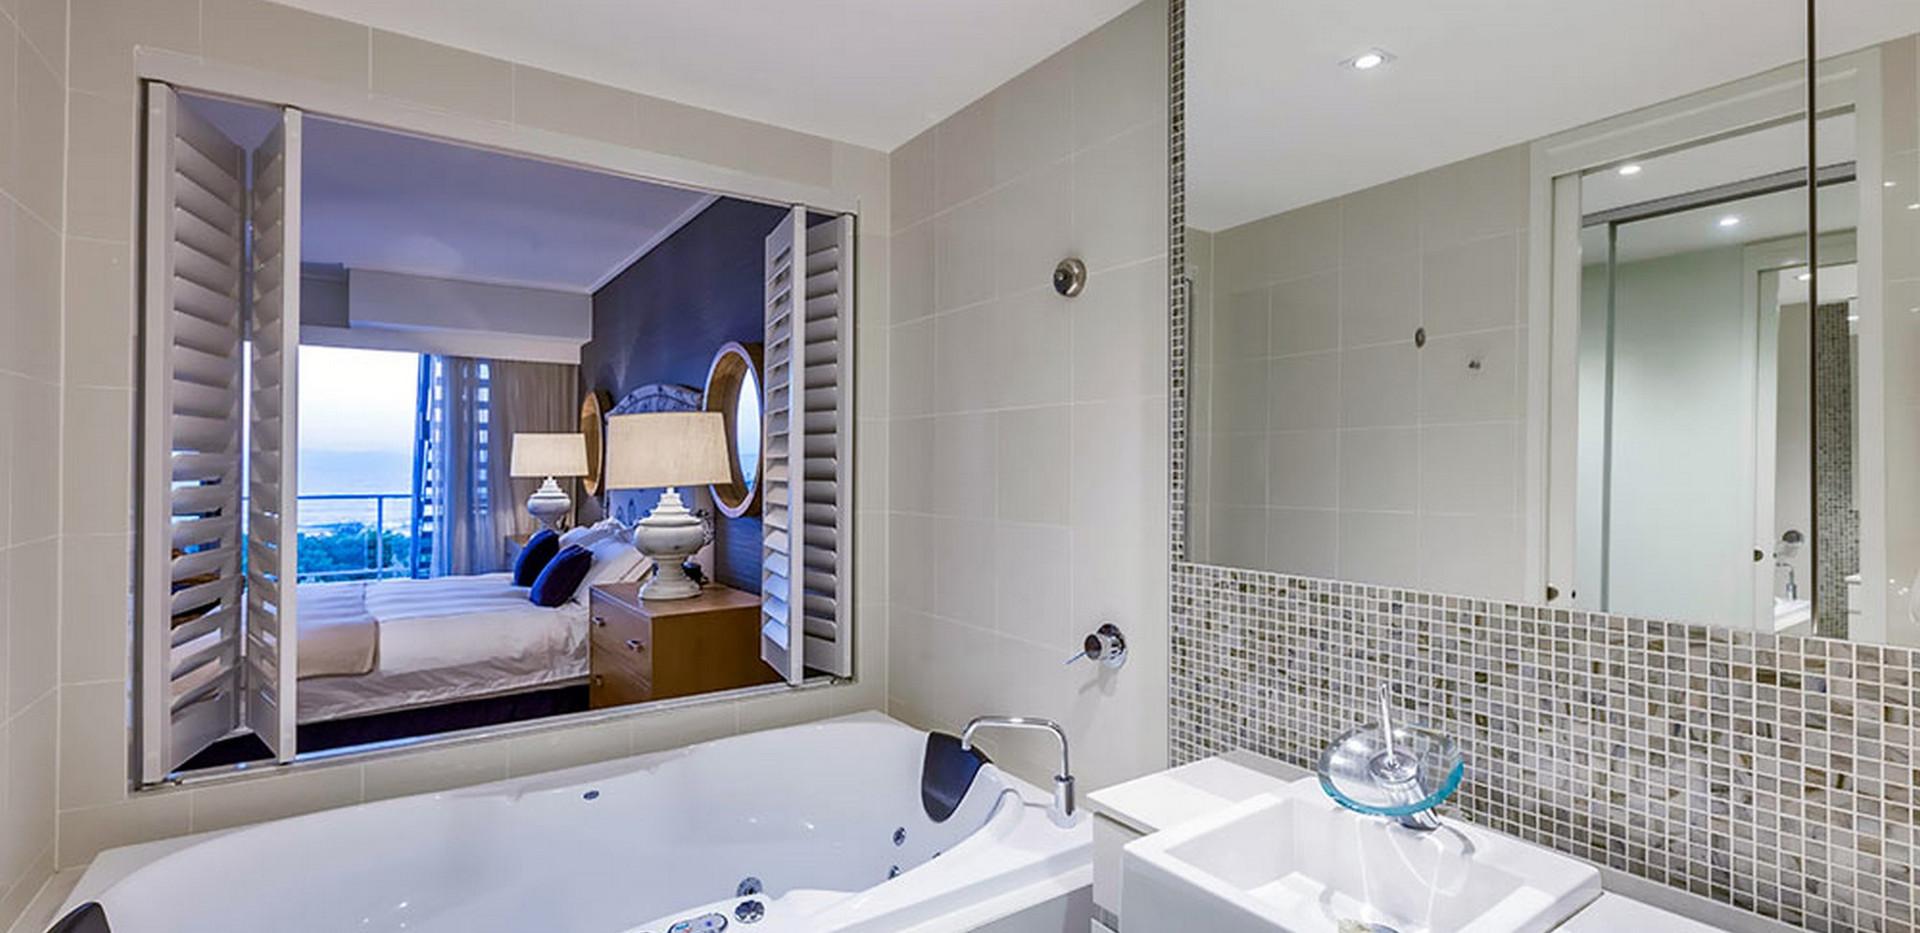 Ensuite Bathroom with Spa Bath